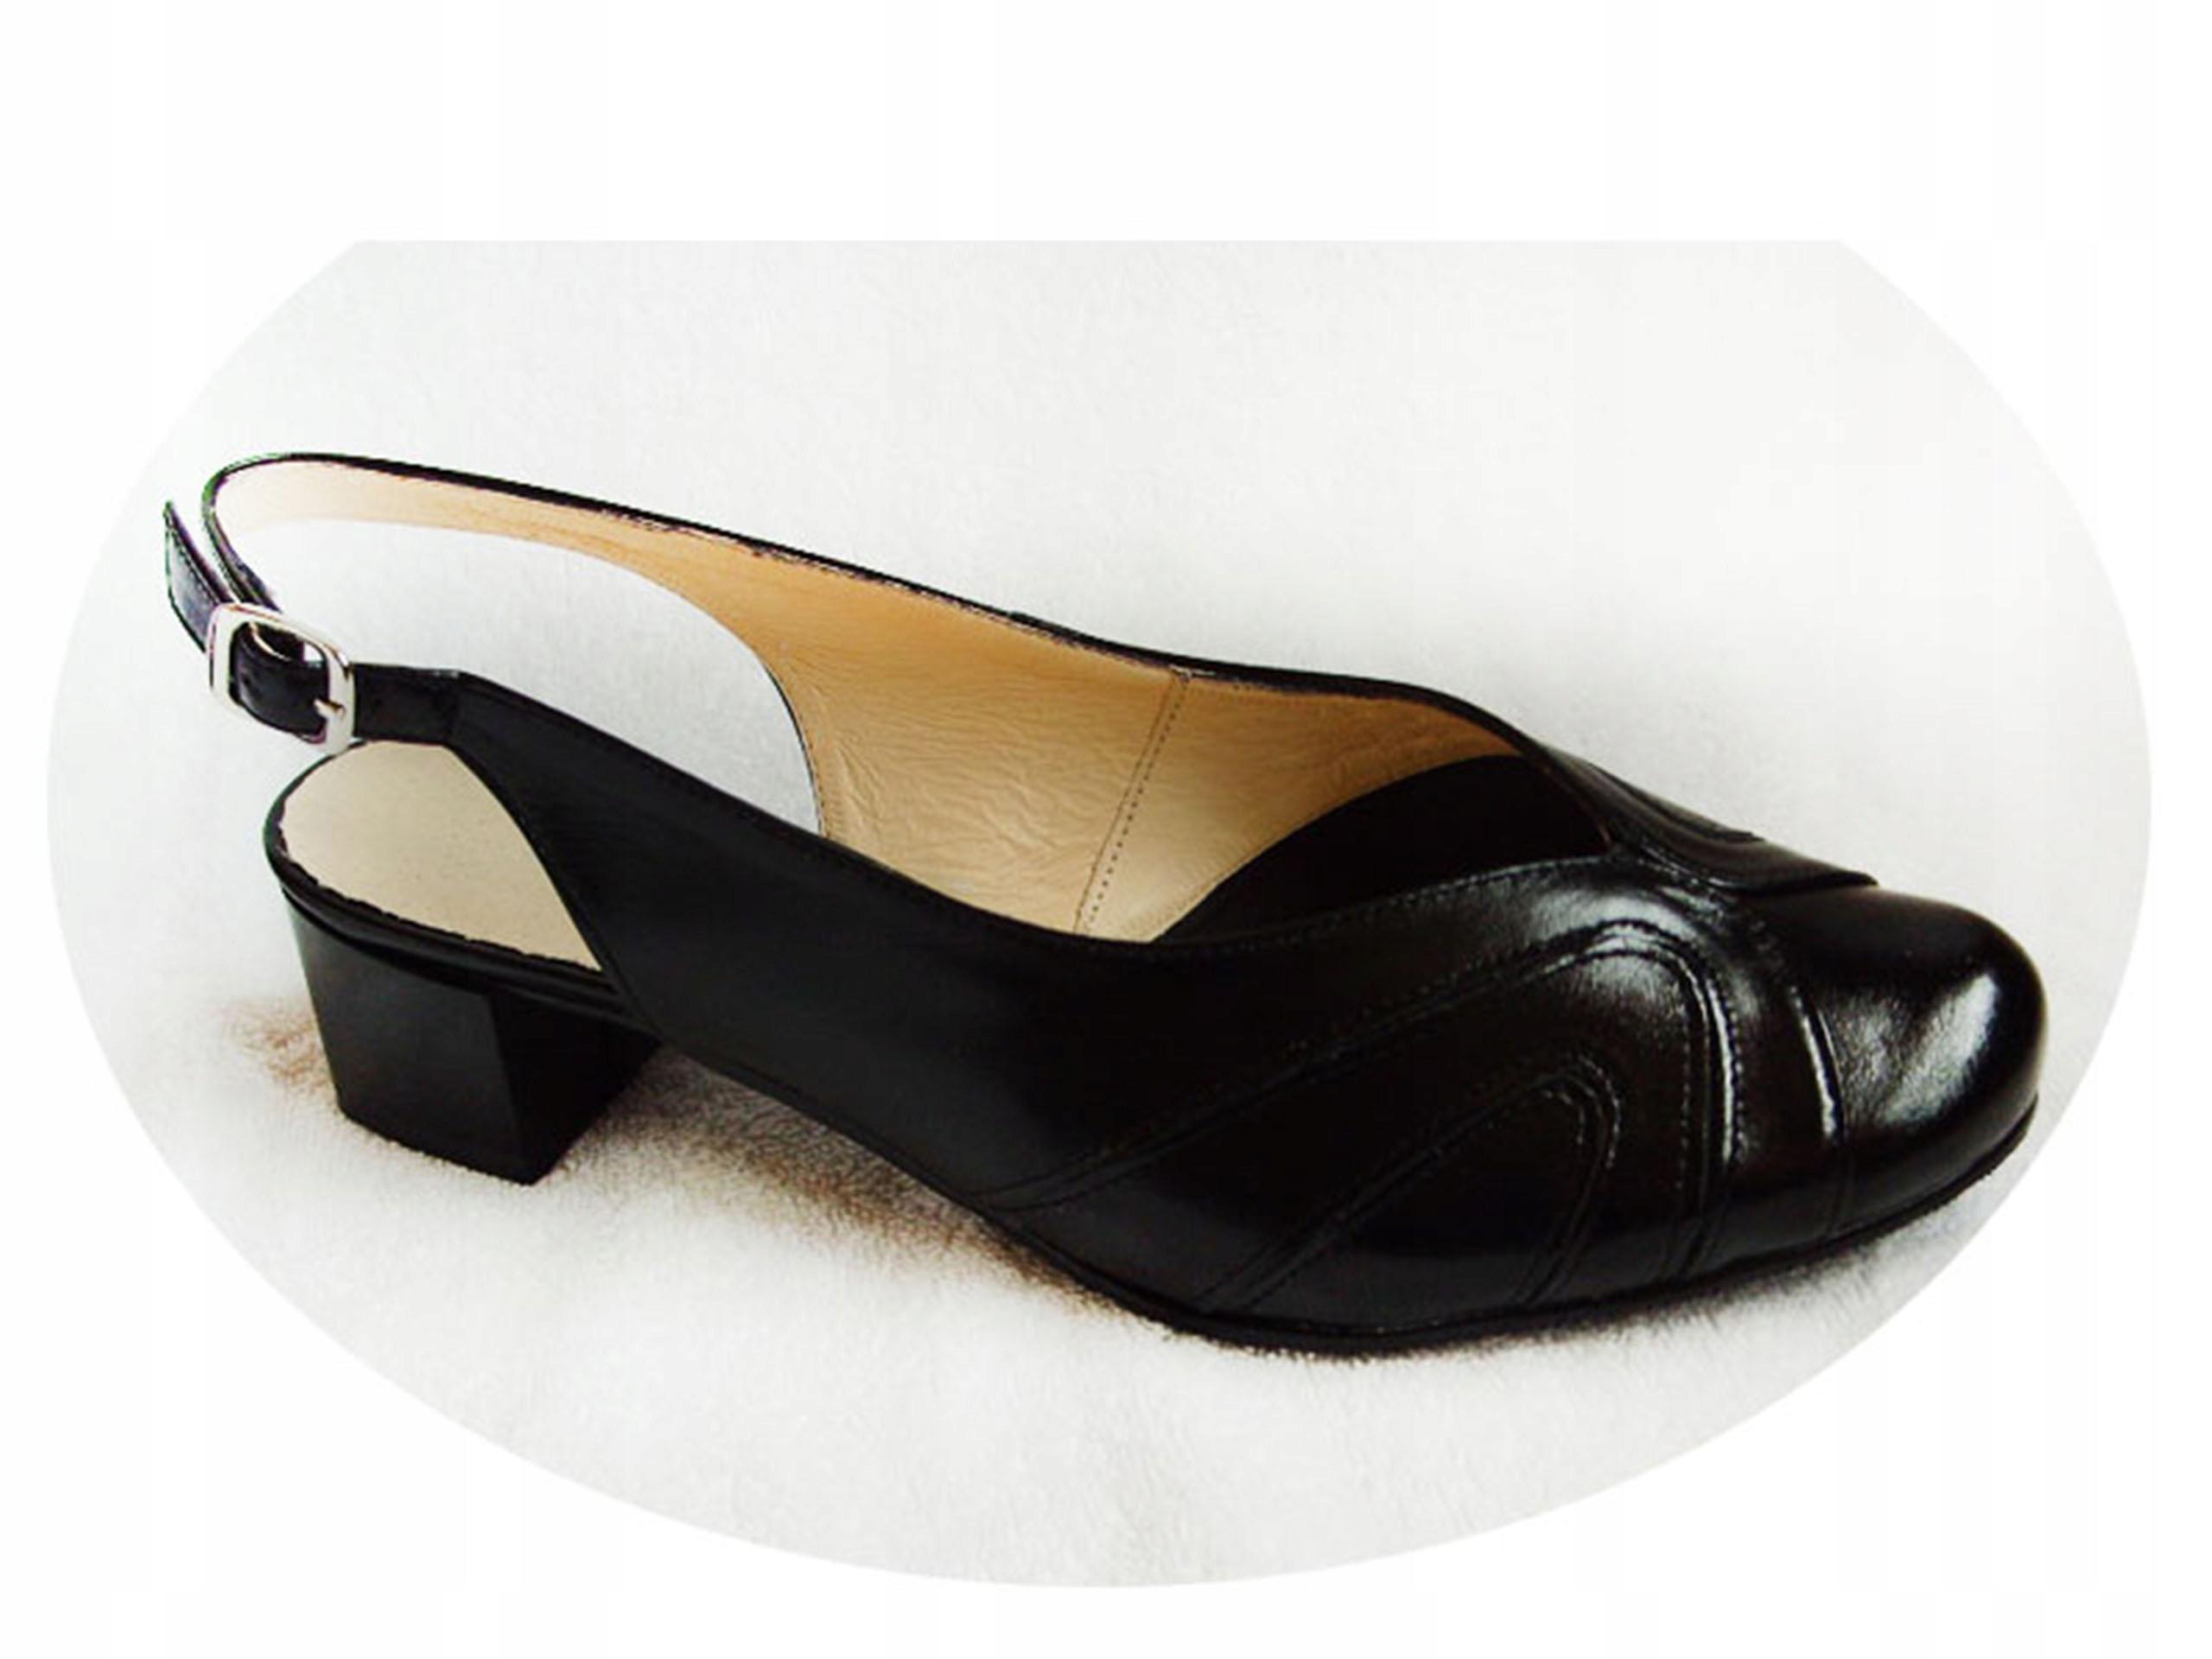 Skórzane sandały Tęgość H i G Haluksy 43